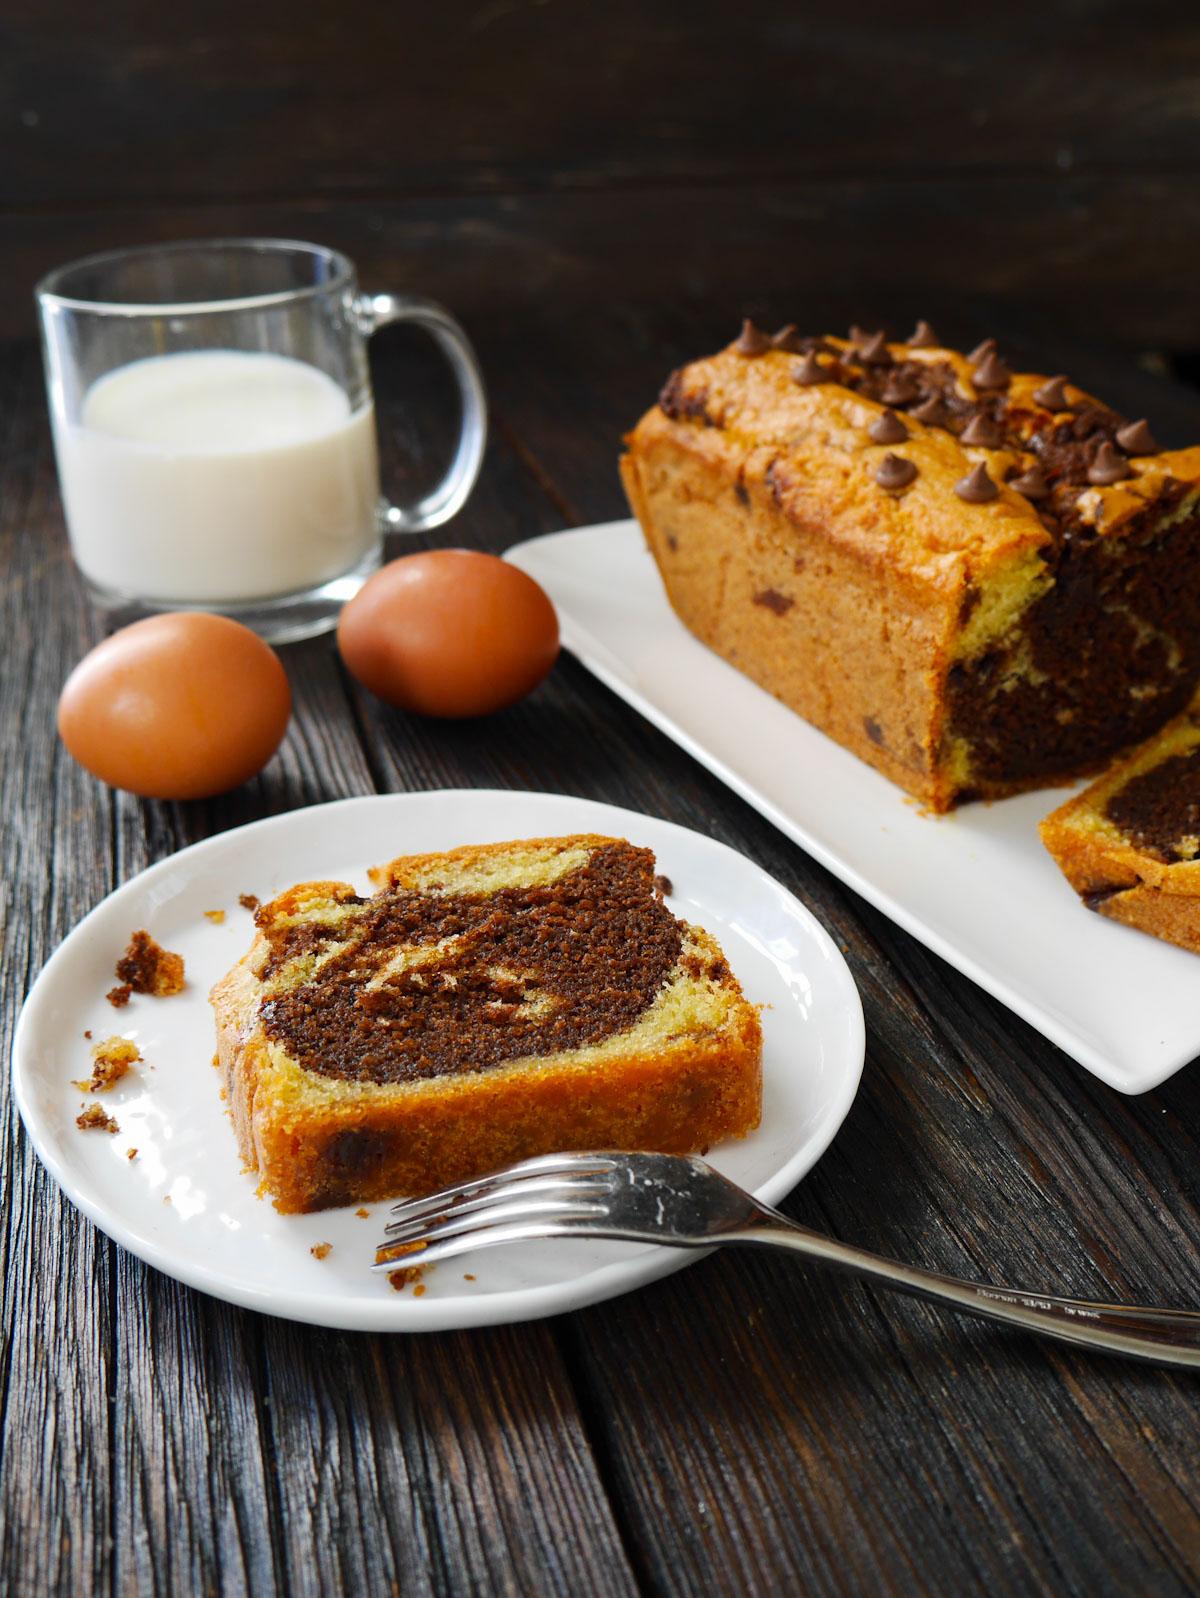 une tranche de gâteau marbré au chocolat au lait